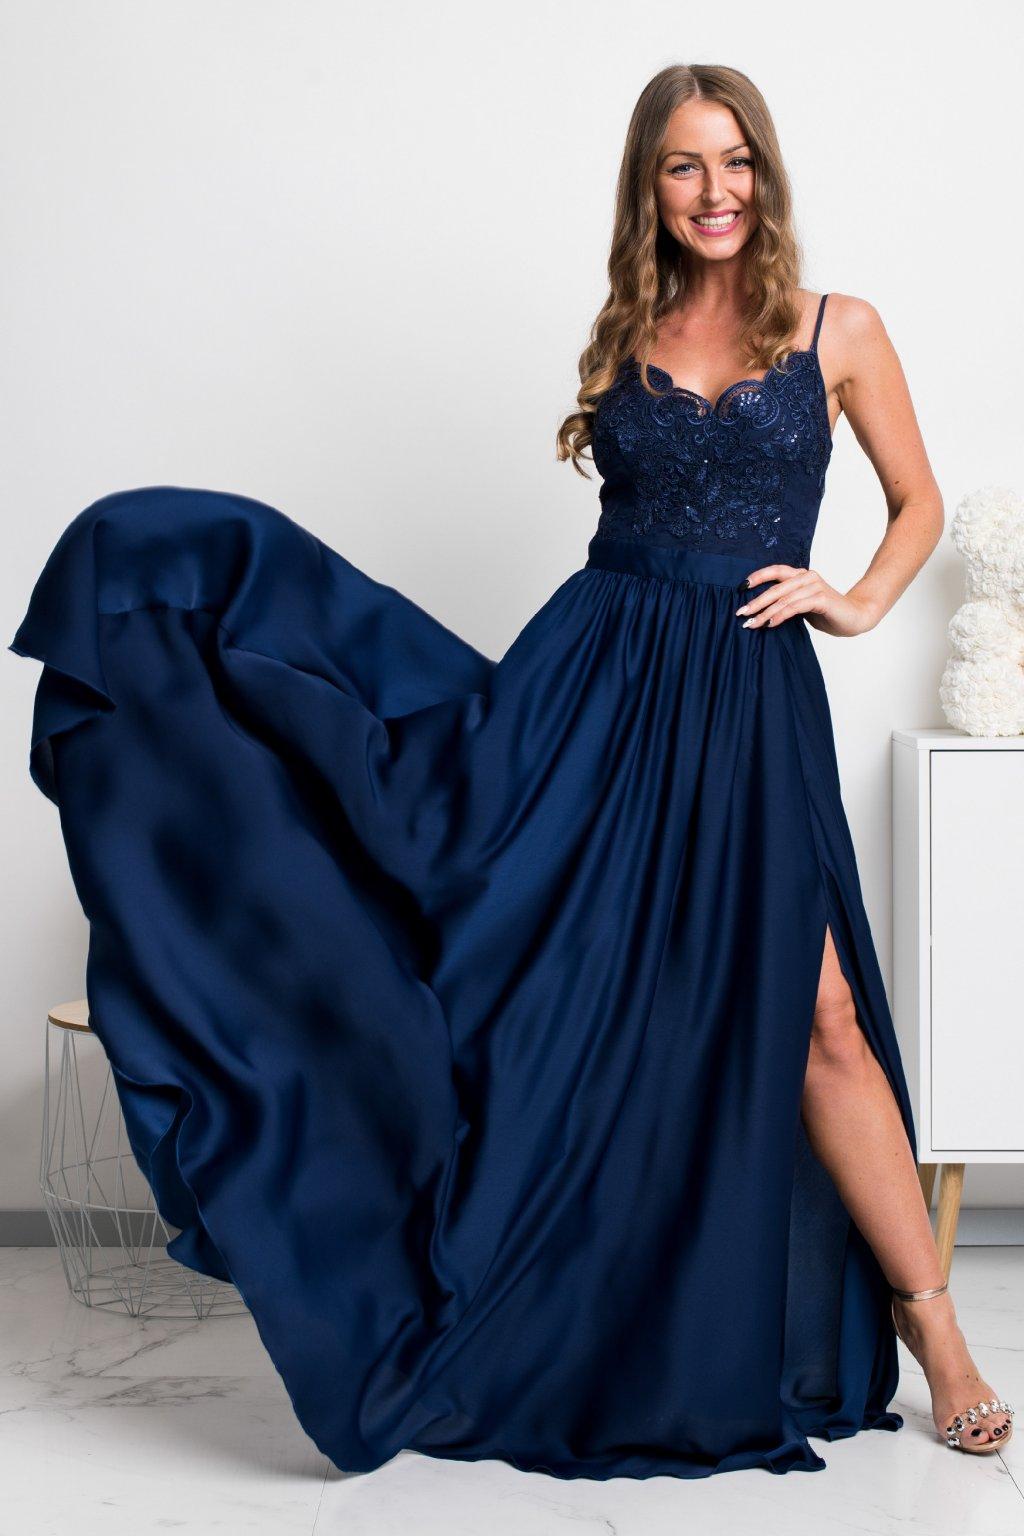 Tmavomodré spoločenské šaty s flitrami a saténovou sukňou